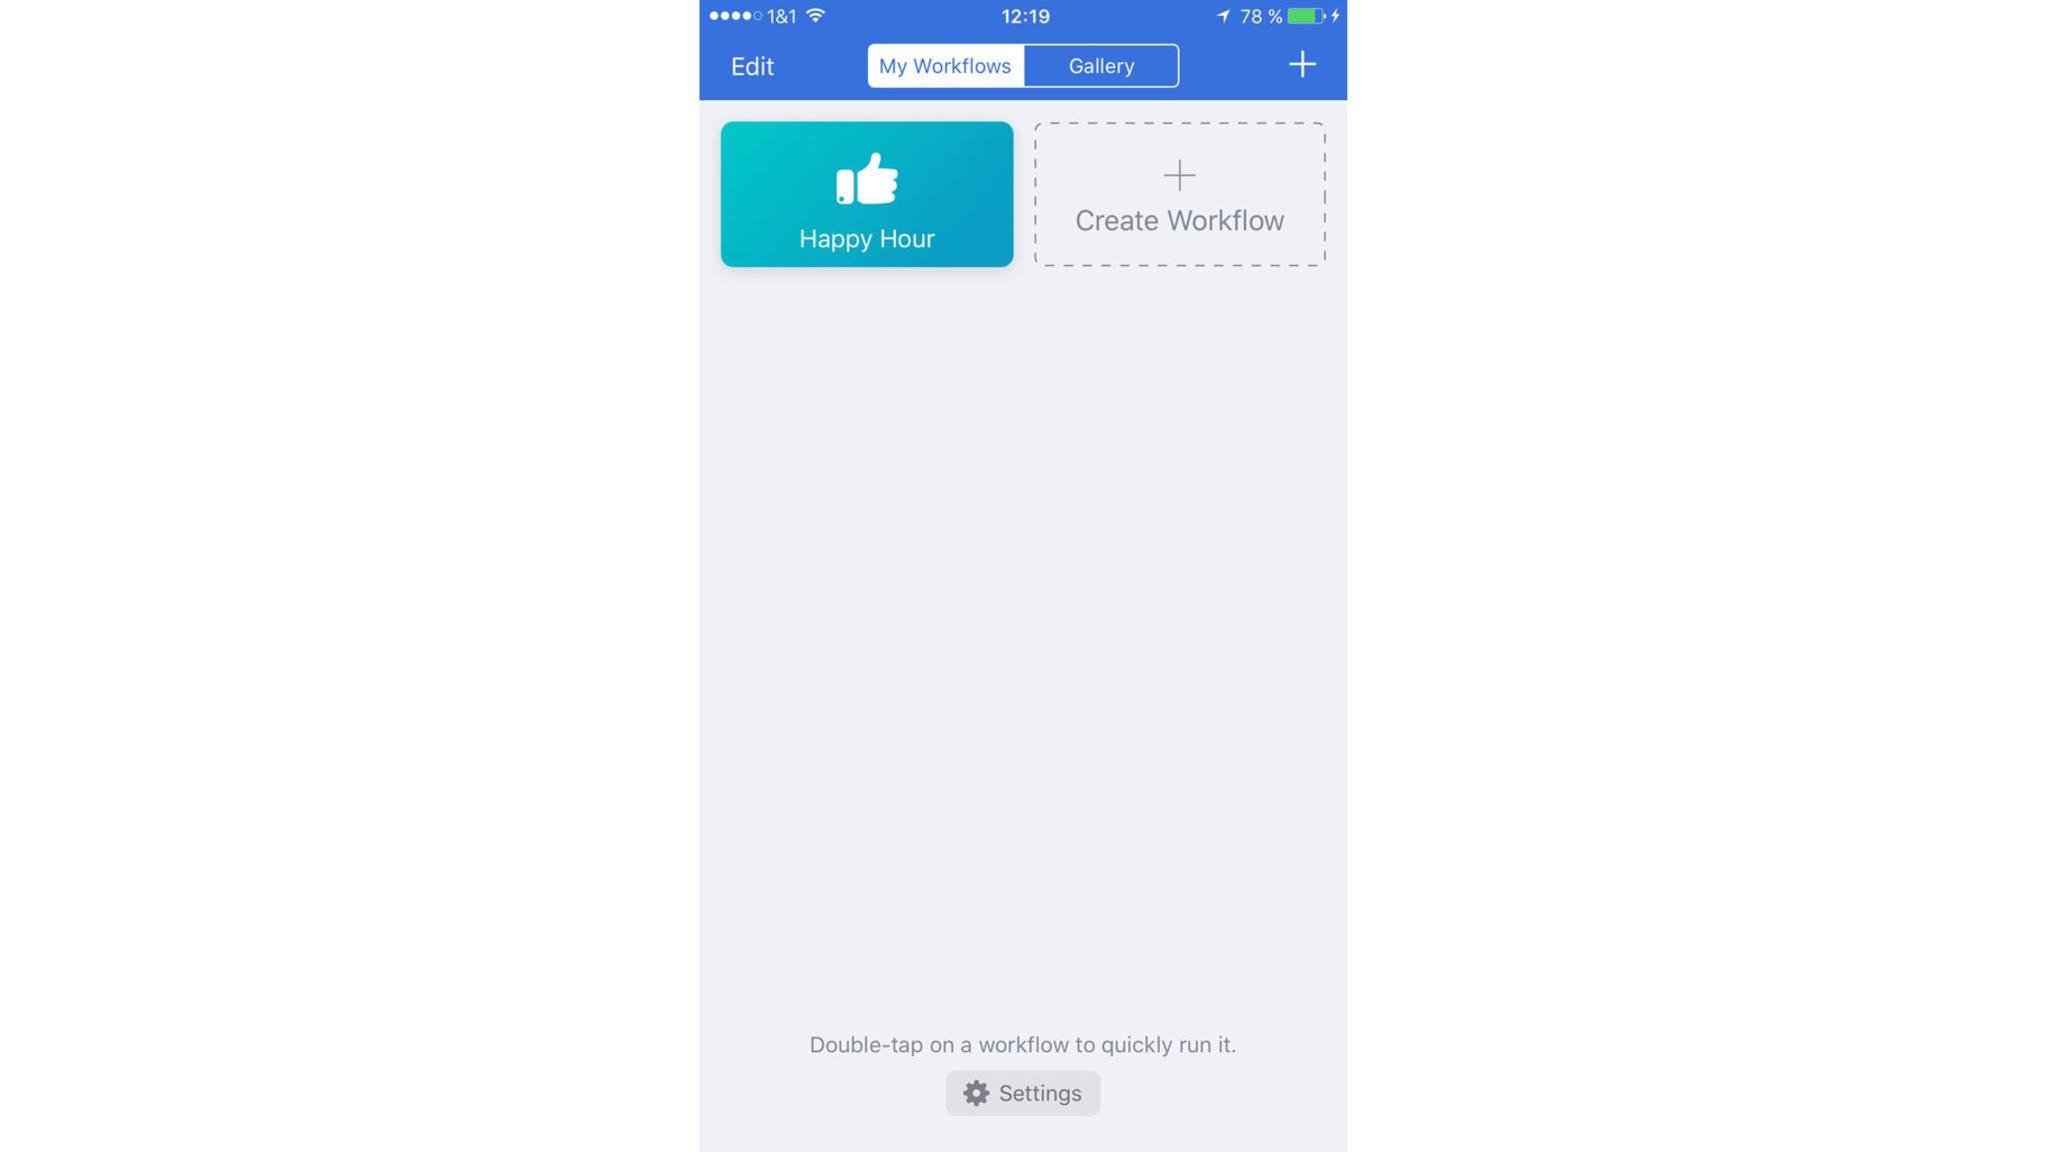 """Mit den zwei Bereichen """"My Workflows"""" und """"Gallery"""" ist die App übersichtlich gehalten."""